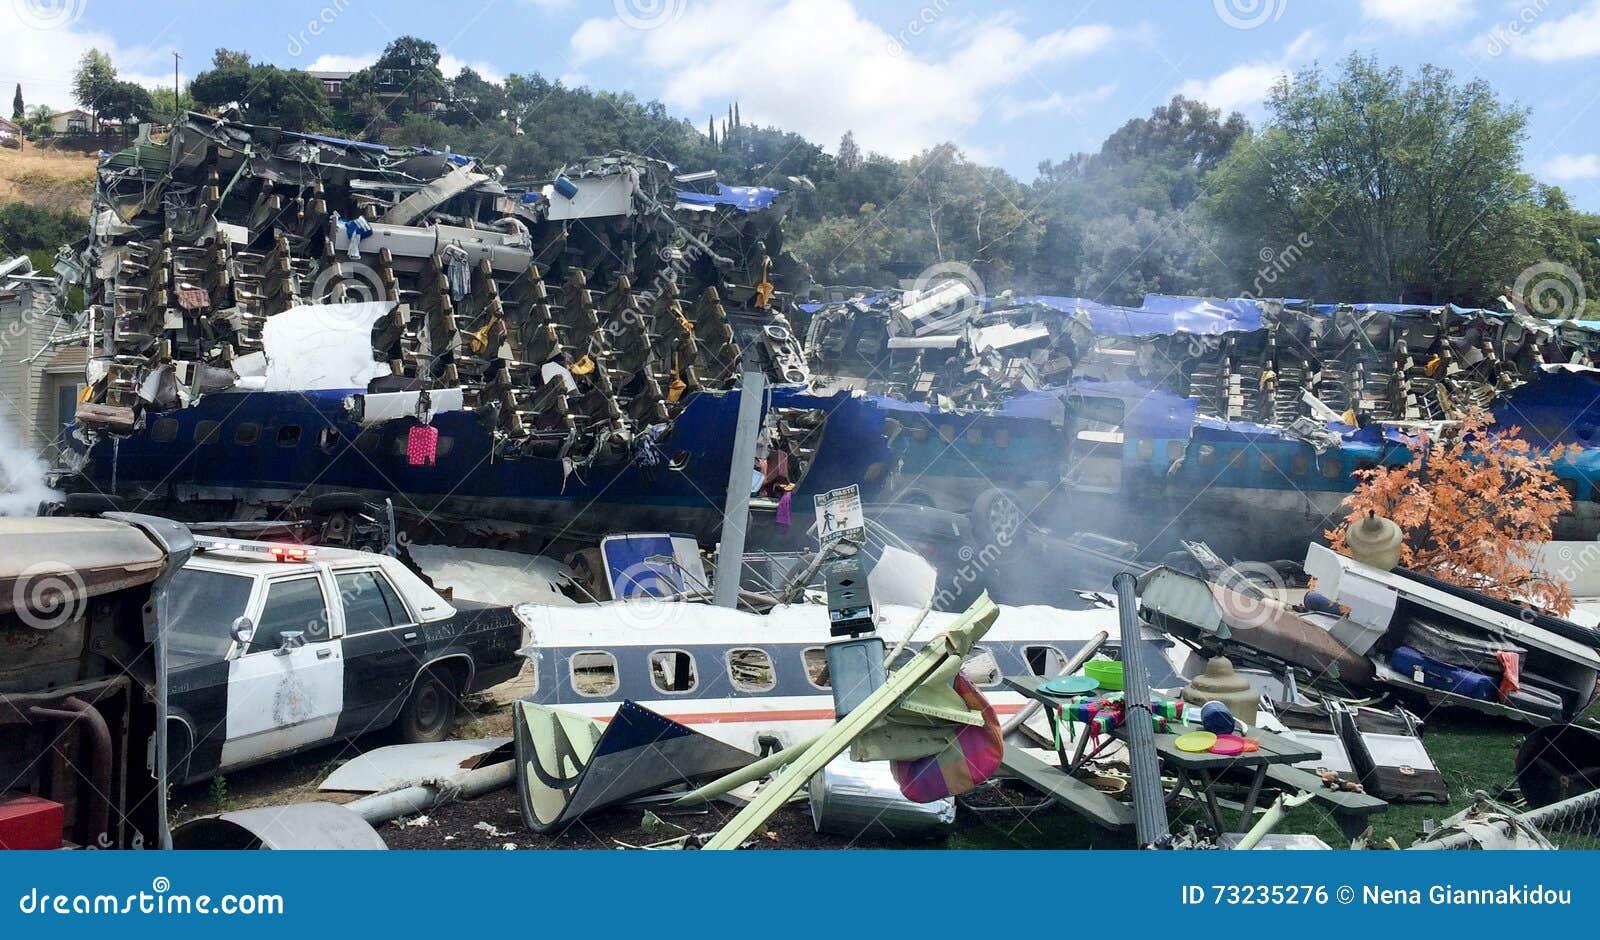 d cor de film de catastrophe d 39 accident d 39 avion photo ditorial image du aviation films 73235276. Black Bedroom Furniture Sets. Home Design Ideas